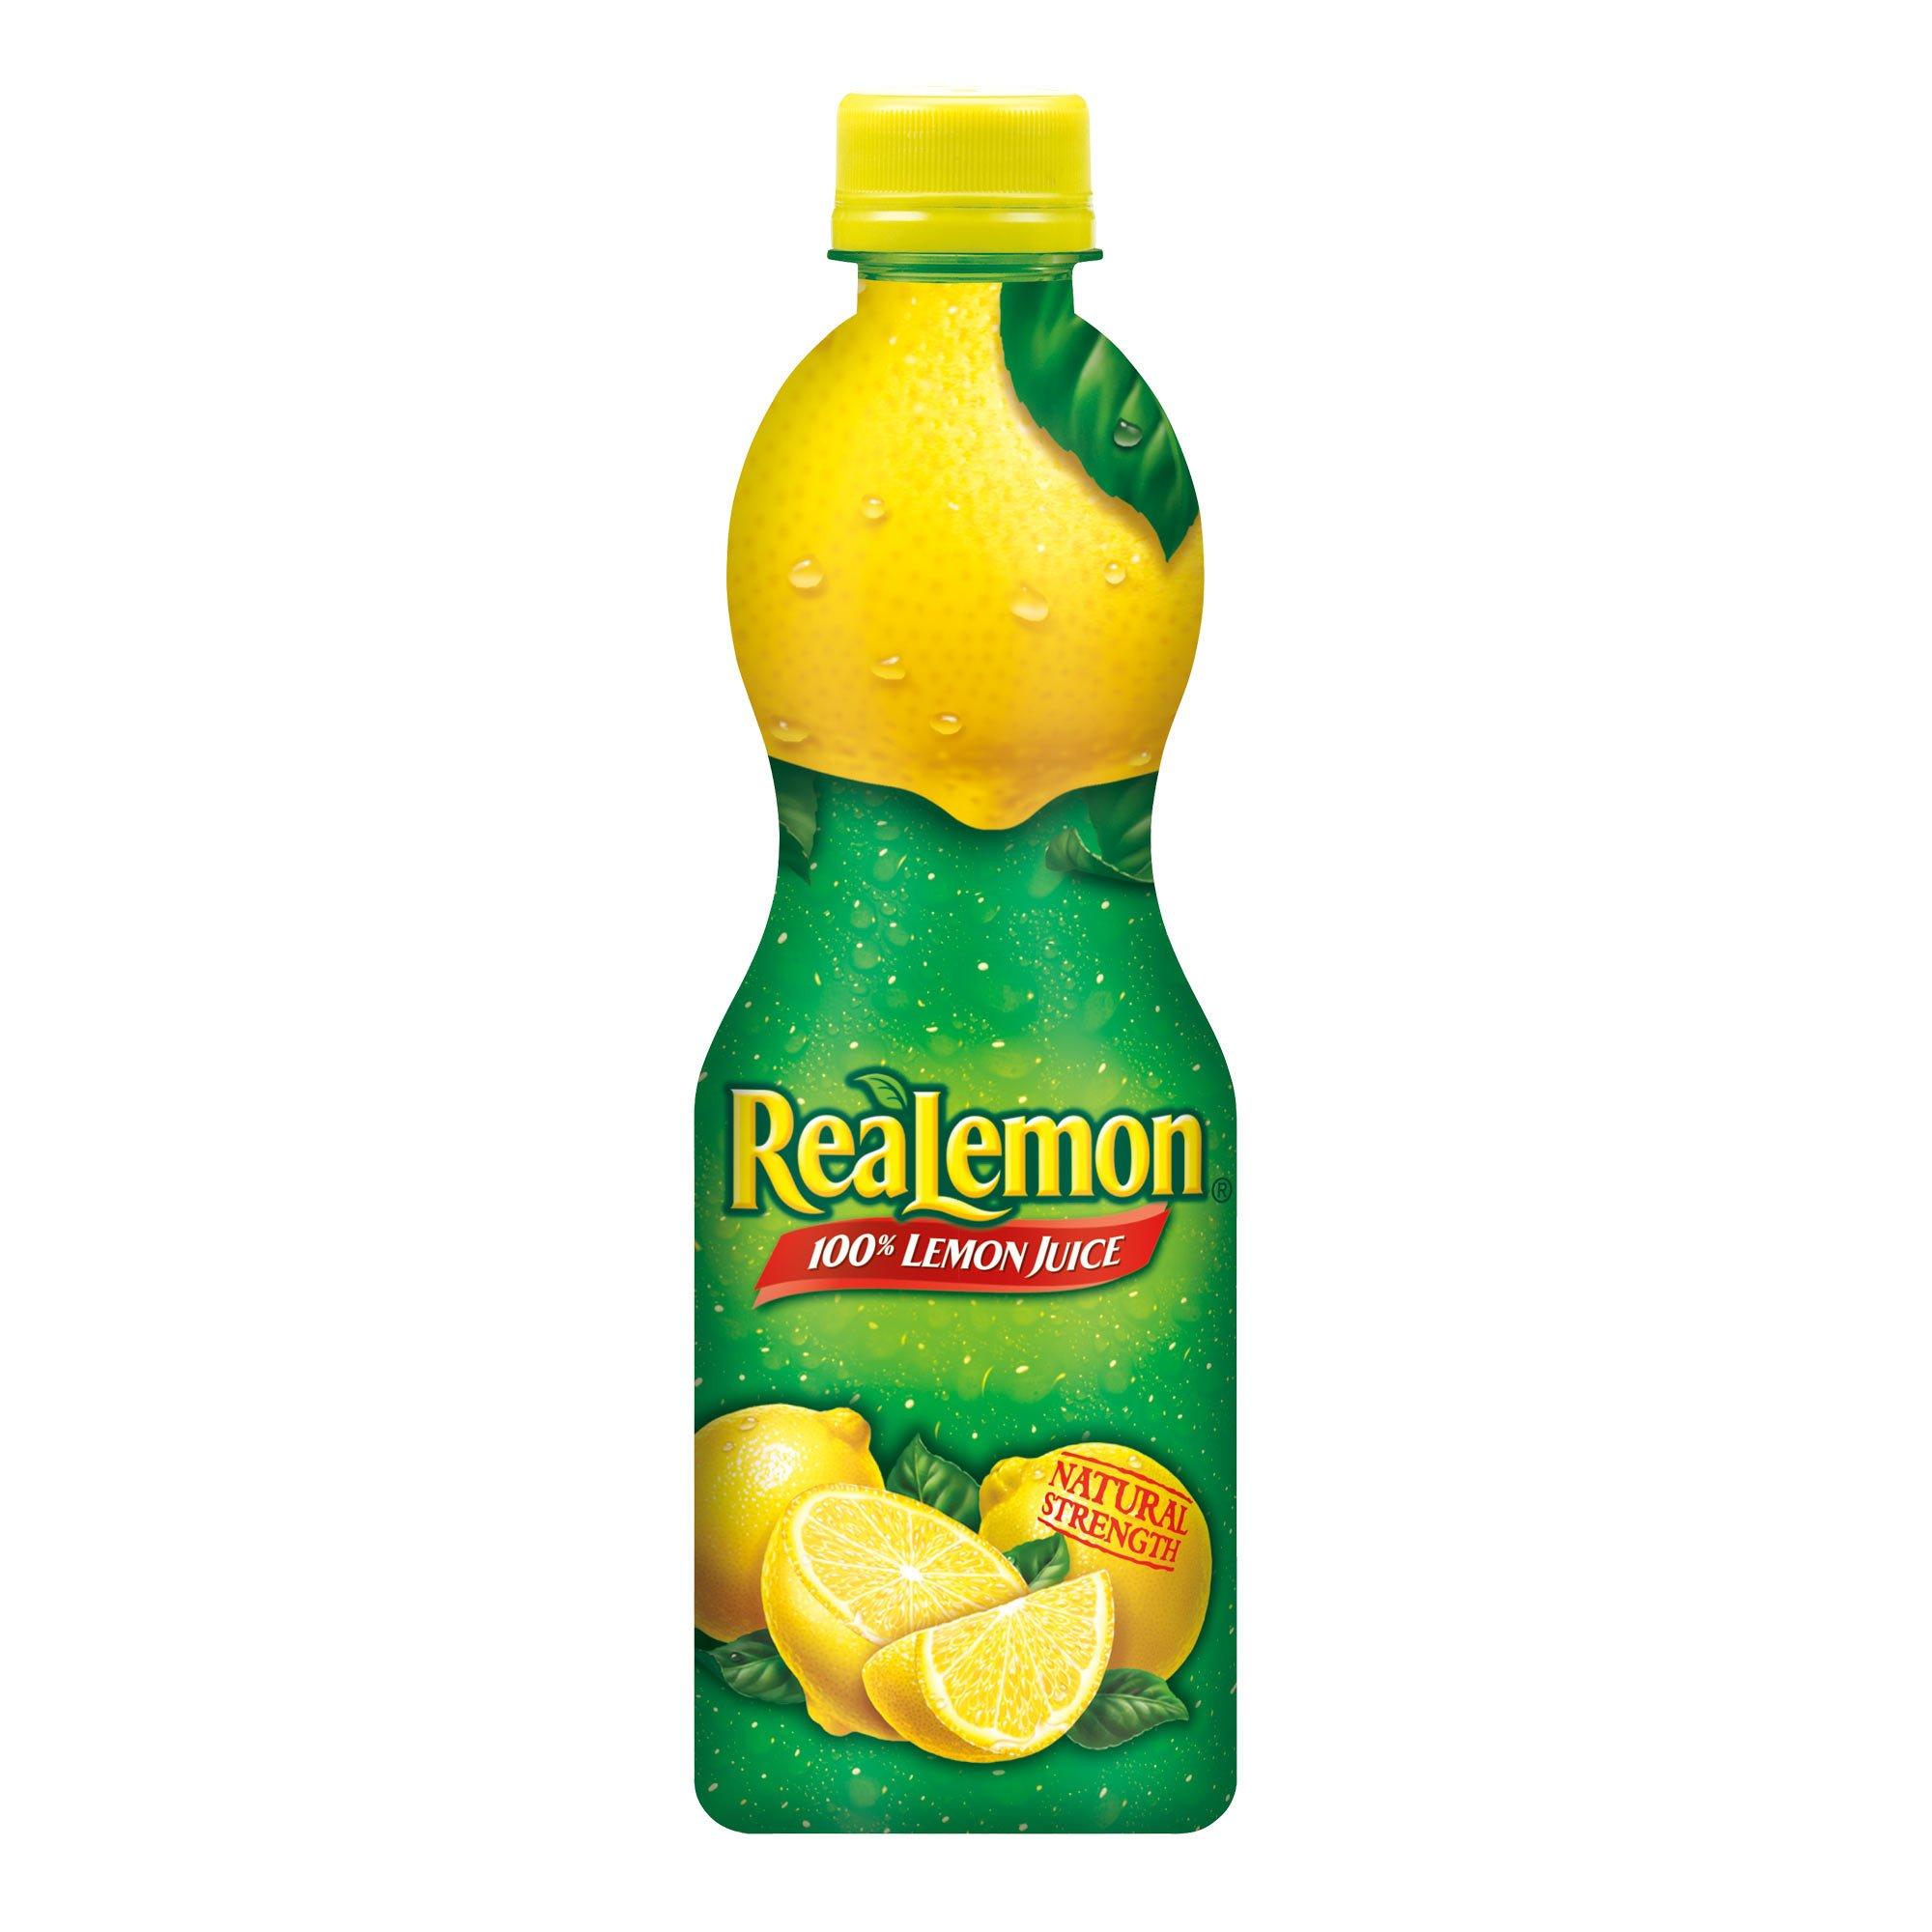 ReaLemon 100% Lemon Juice, 8 Fluid Ounce Bottle